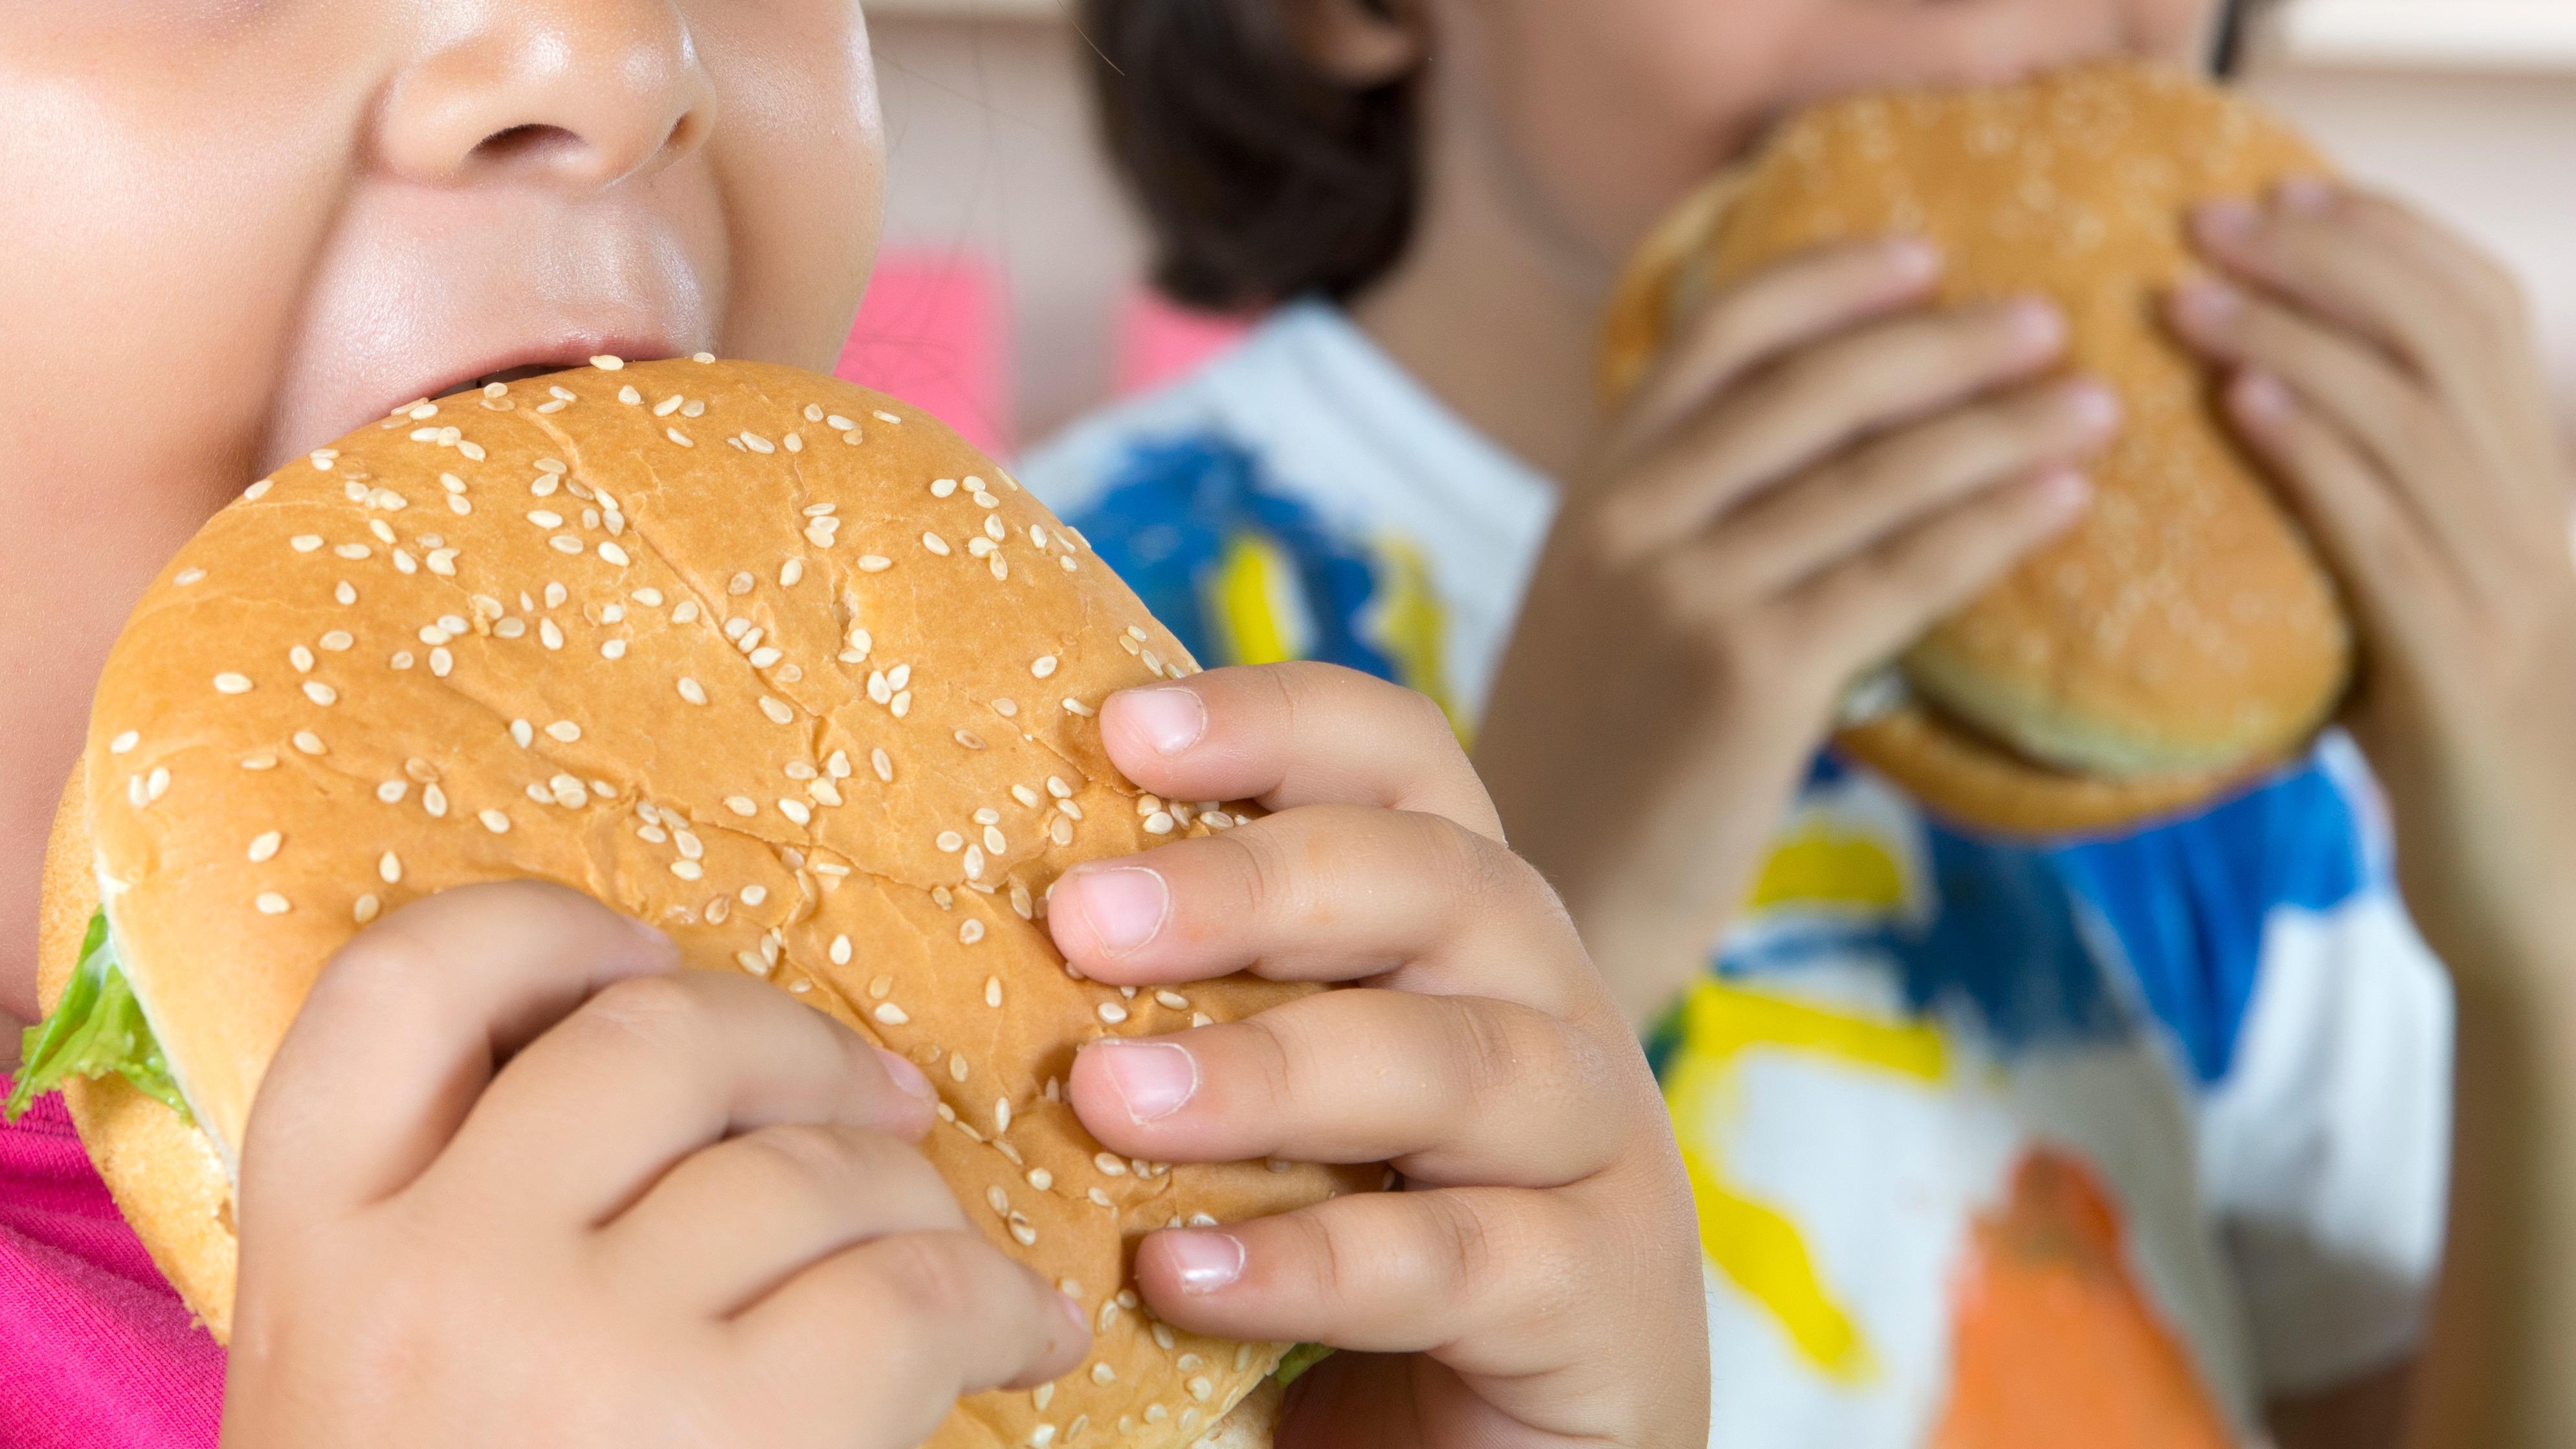 El Perú ocupa el tercer lugar de países con mayores cifras de obesidad en la región, después de México y Chile.